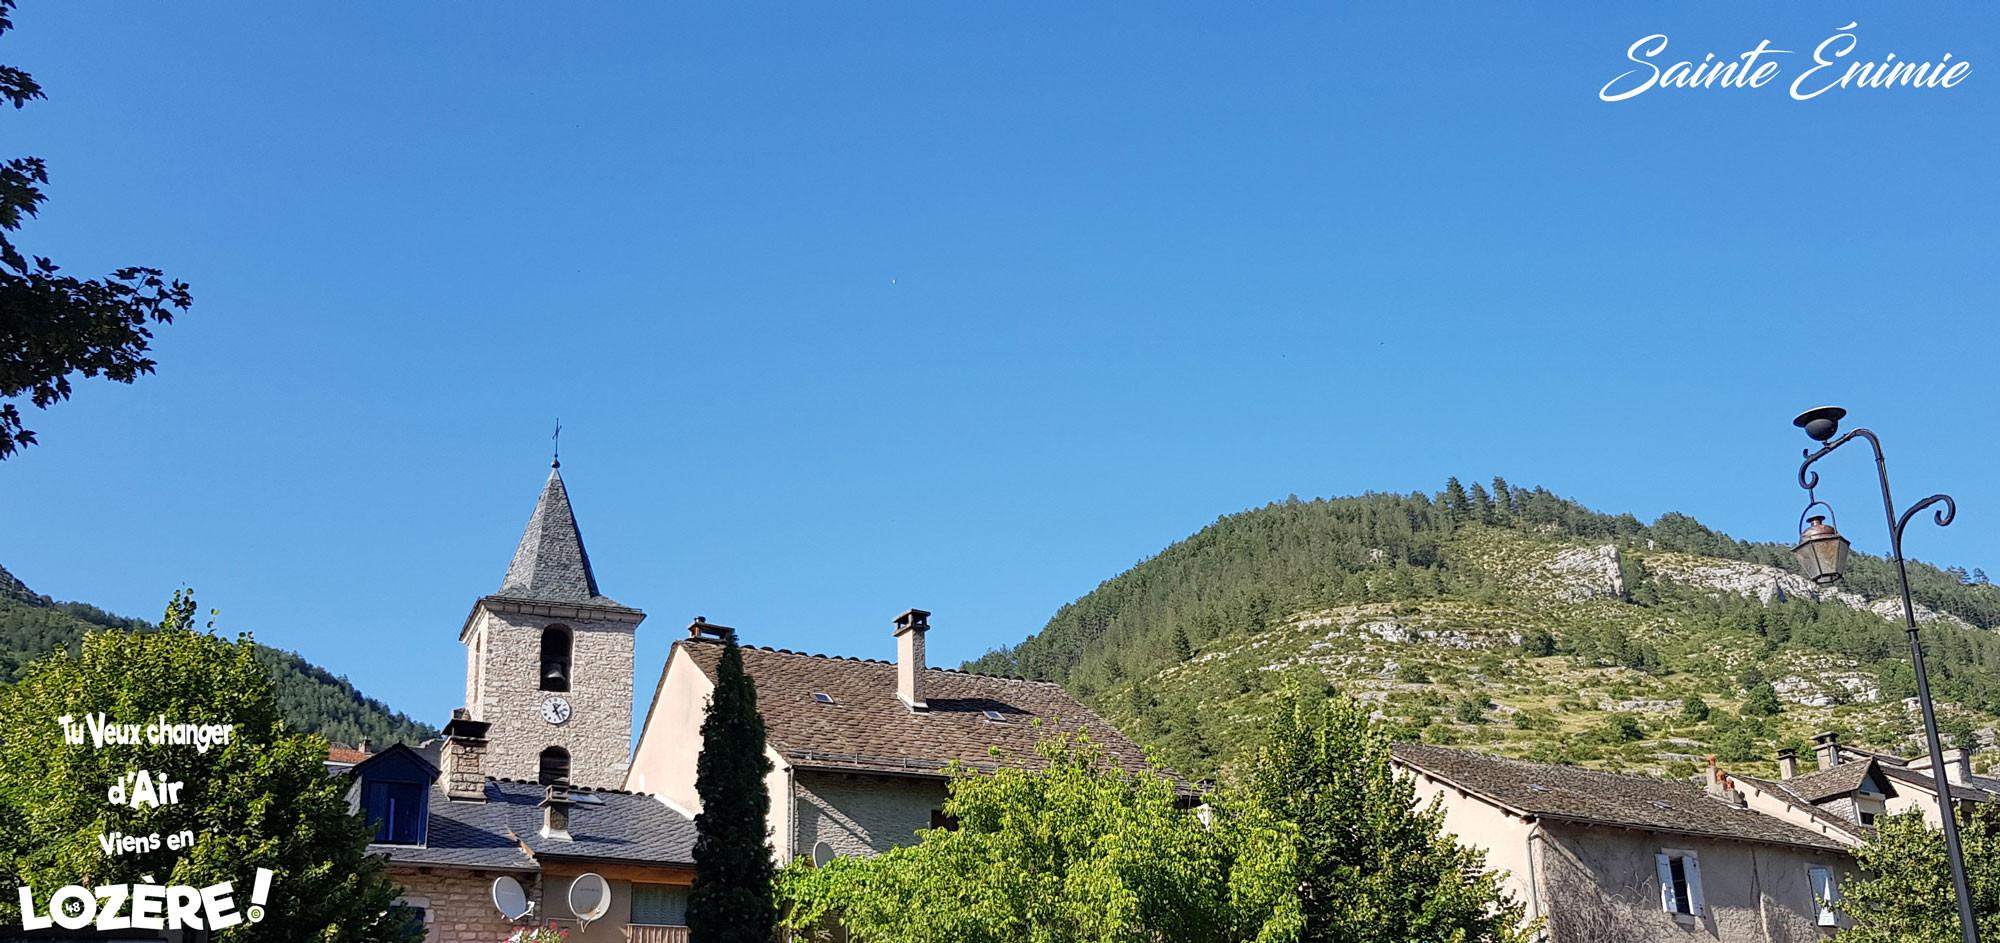 Sainte-Énimie.jpg